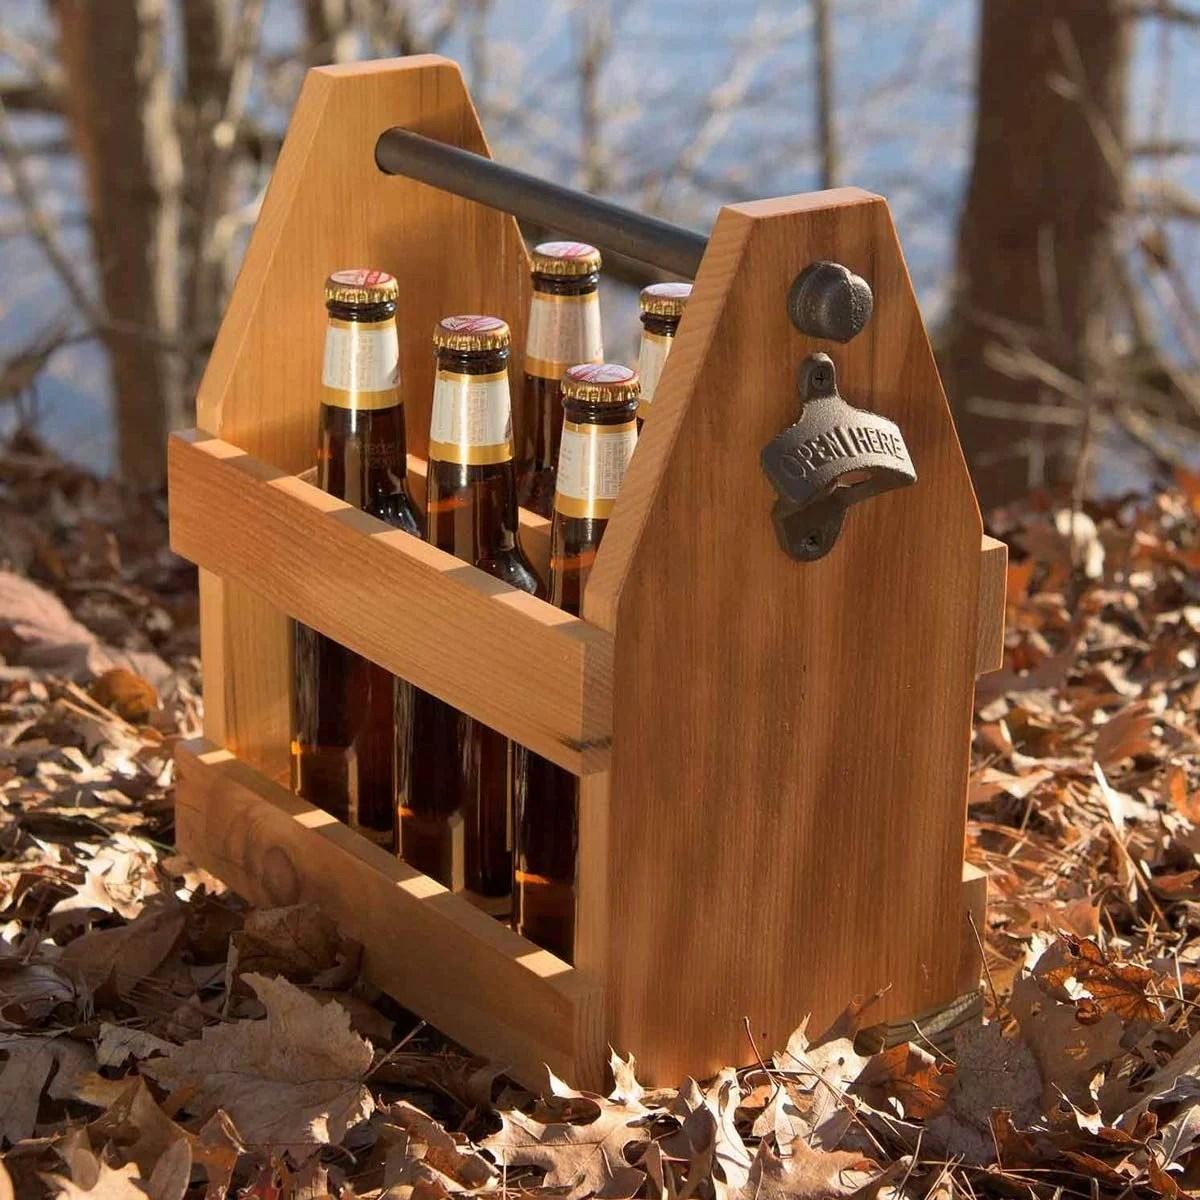 Diy Reclaimed Barn Wood Beer Caddy Make This Wooden Beer